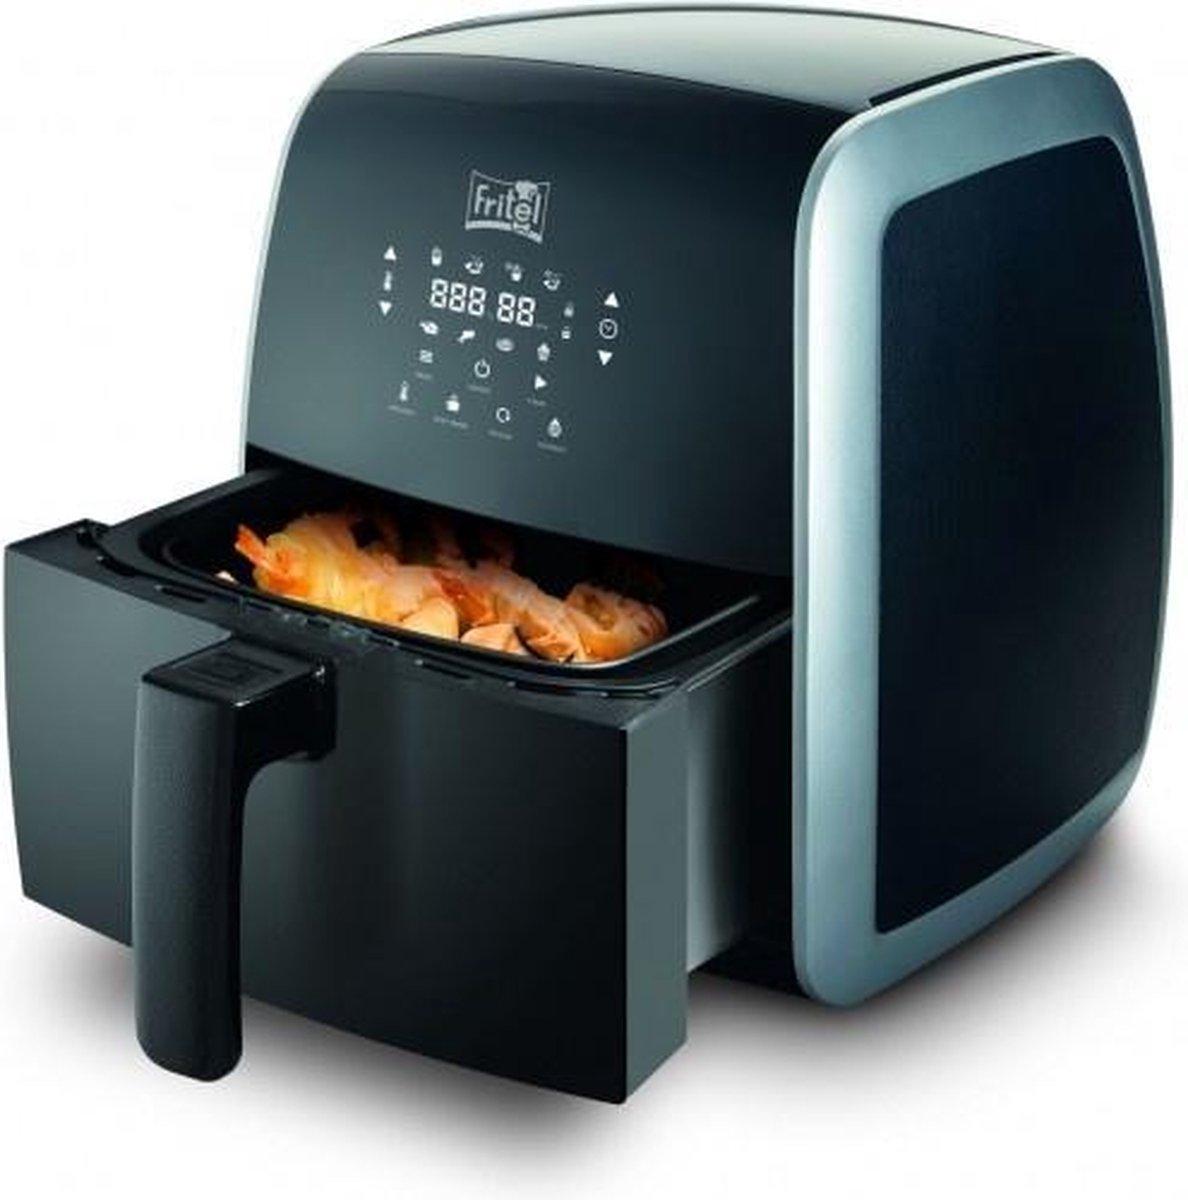 Fritel SnackTastic 5804 - Airfryer